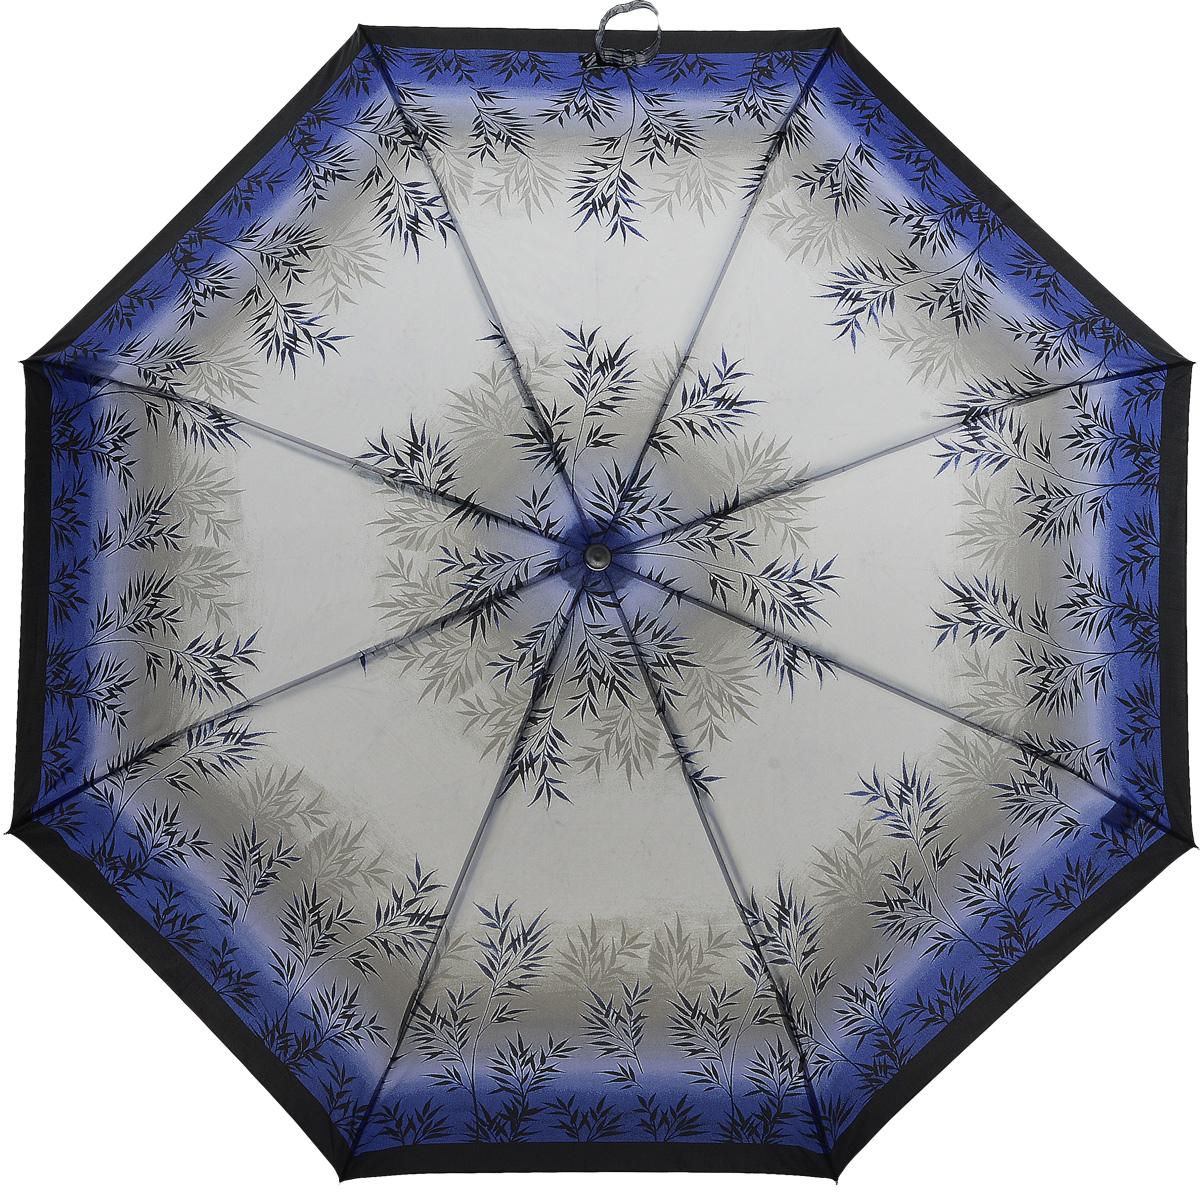 Зонт женский Prize, механический, 3 сложения, цвет: синий, слоновая кость. 355-148Колье (короткие одноярусные бусы)Классический женский зонт в 3 сложения с механической системой открытия и закрытия. Удобная ручка выполнена из пластика. Модель зонта выполнена в стандартном размере. Данная модель пердставляет собой эконом класс.